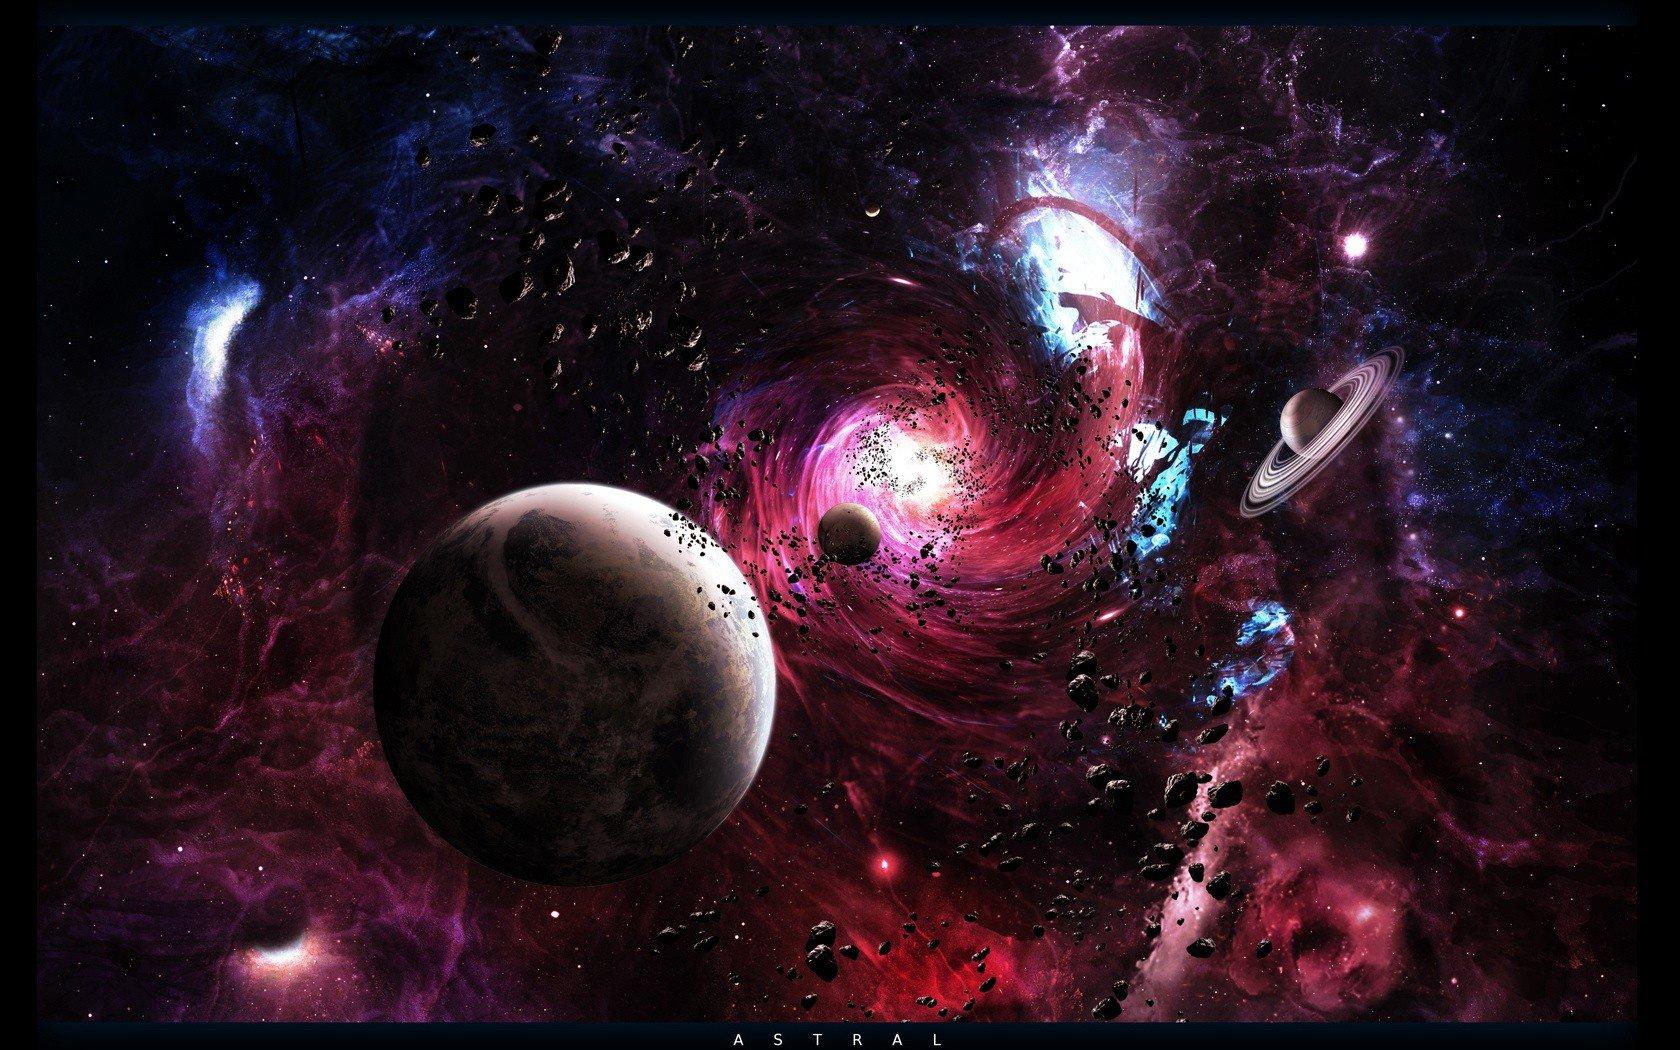 Обои Ужасающий космос картинки на рабочий стол на тему Космос - скачать загрузить